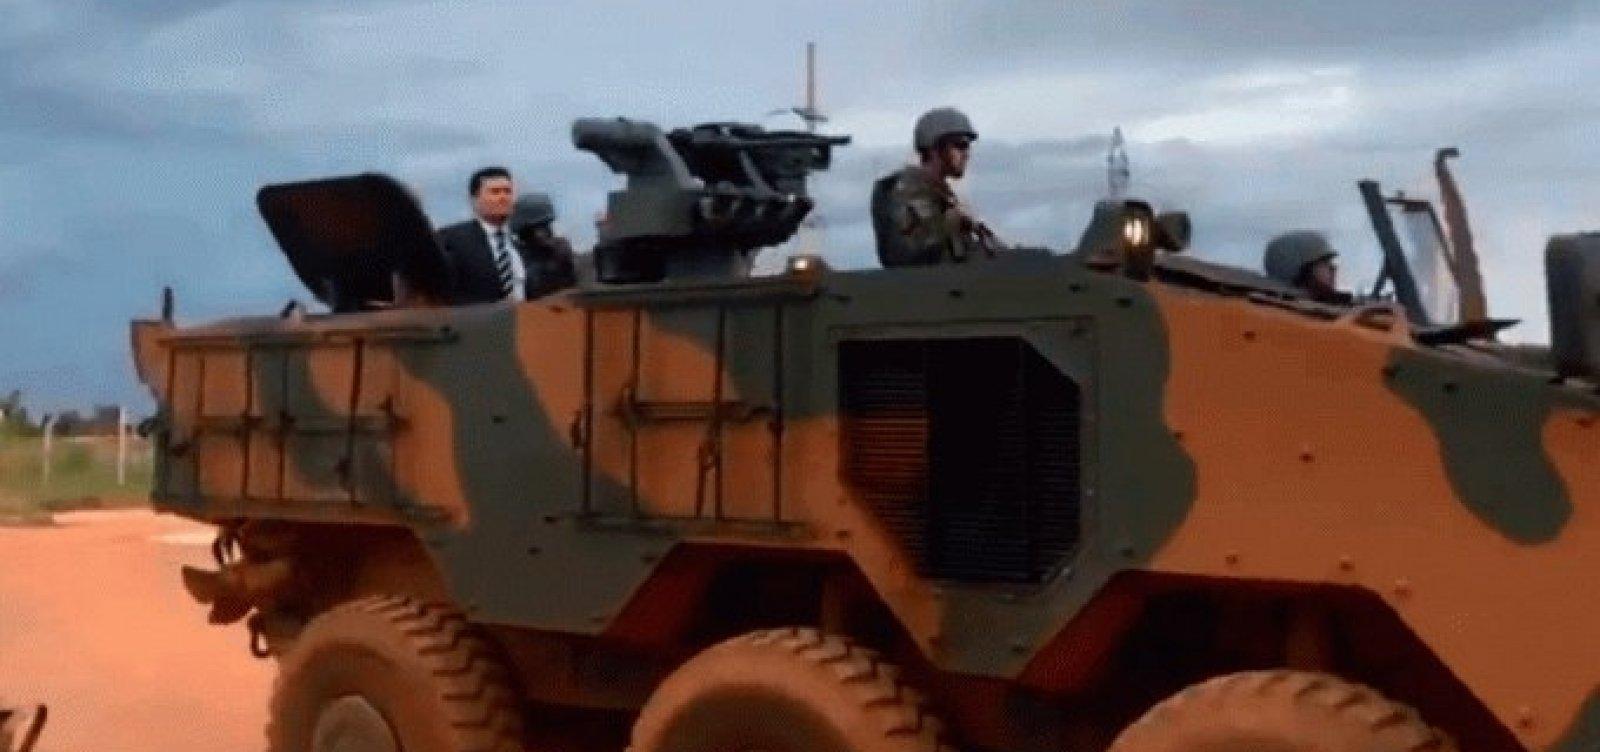 [No tanque de guerra, Moro vai à Papuda e acompanha operação de GLO]